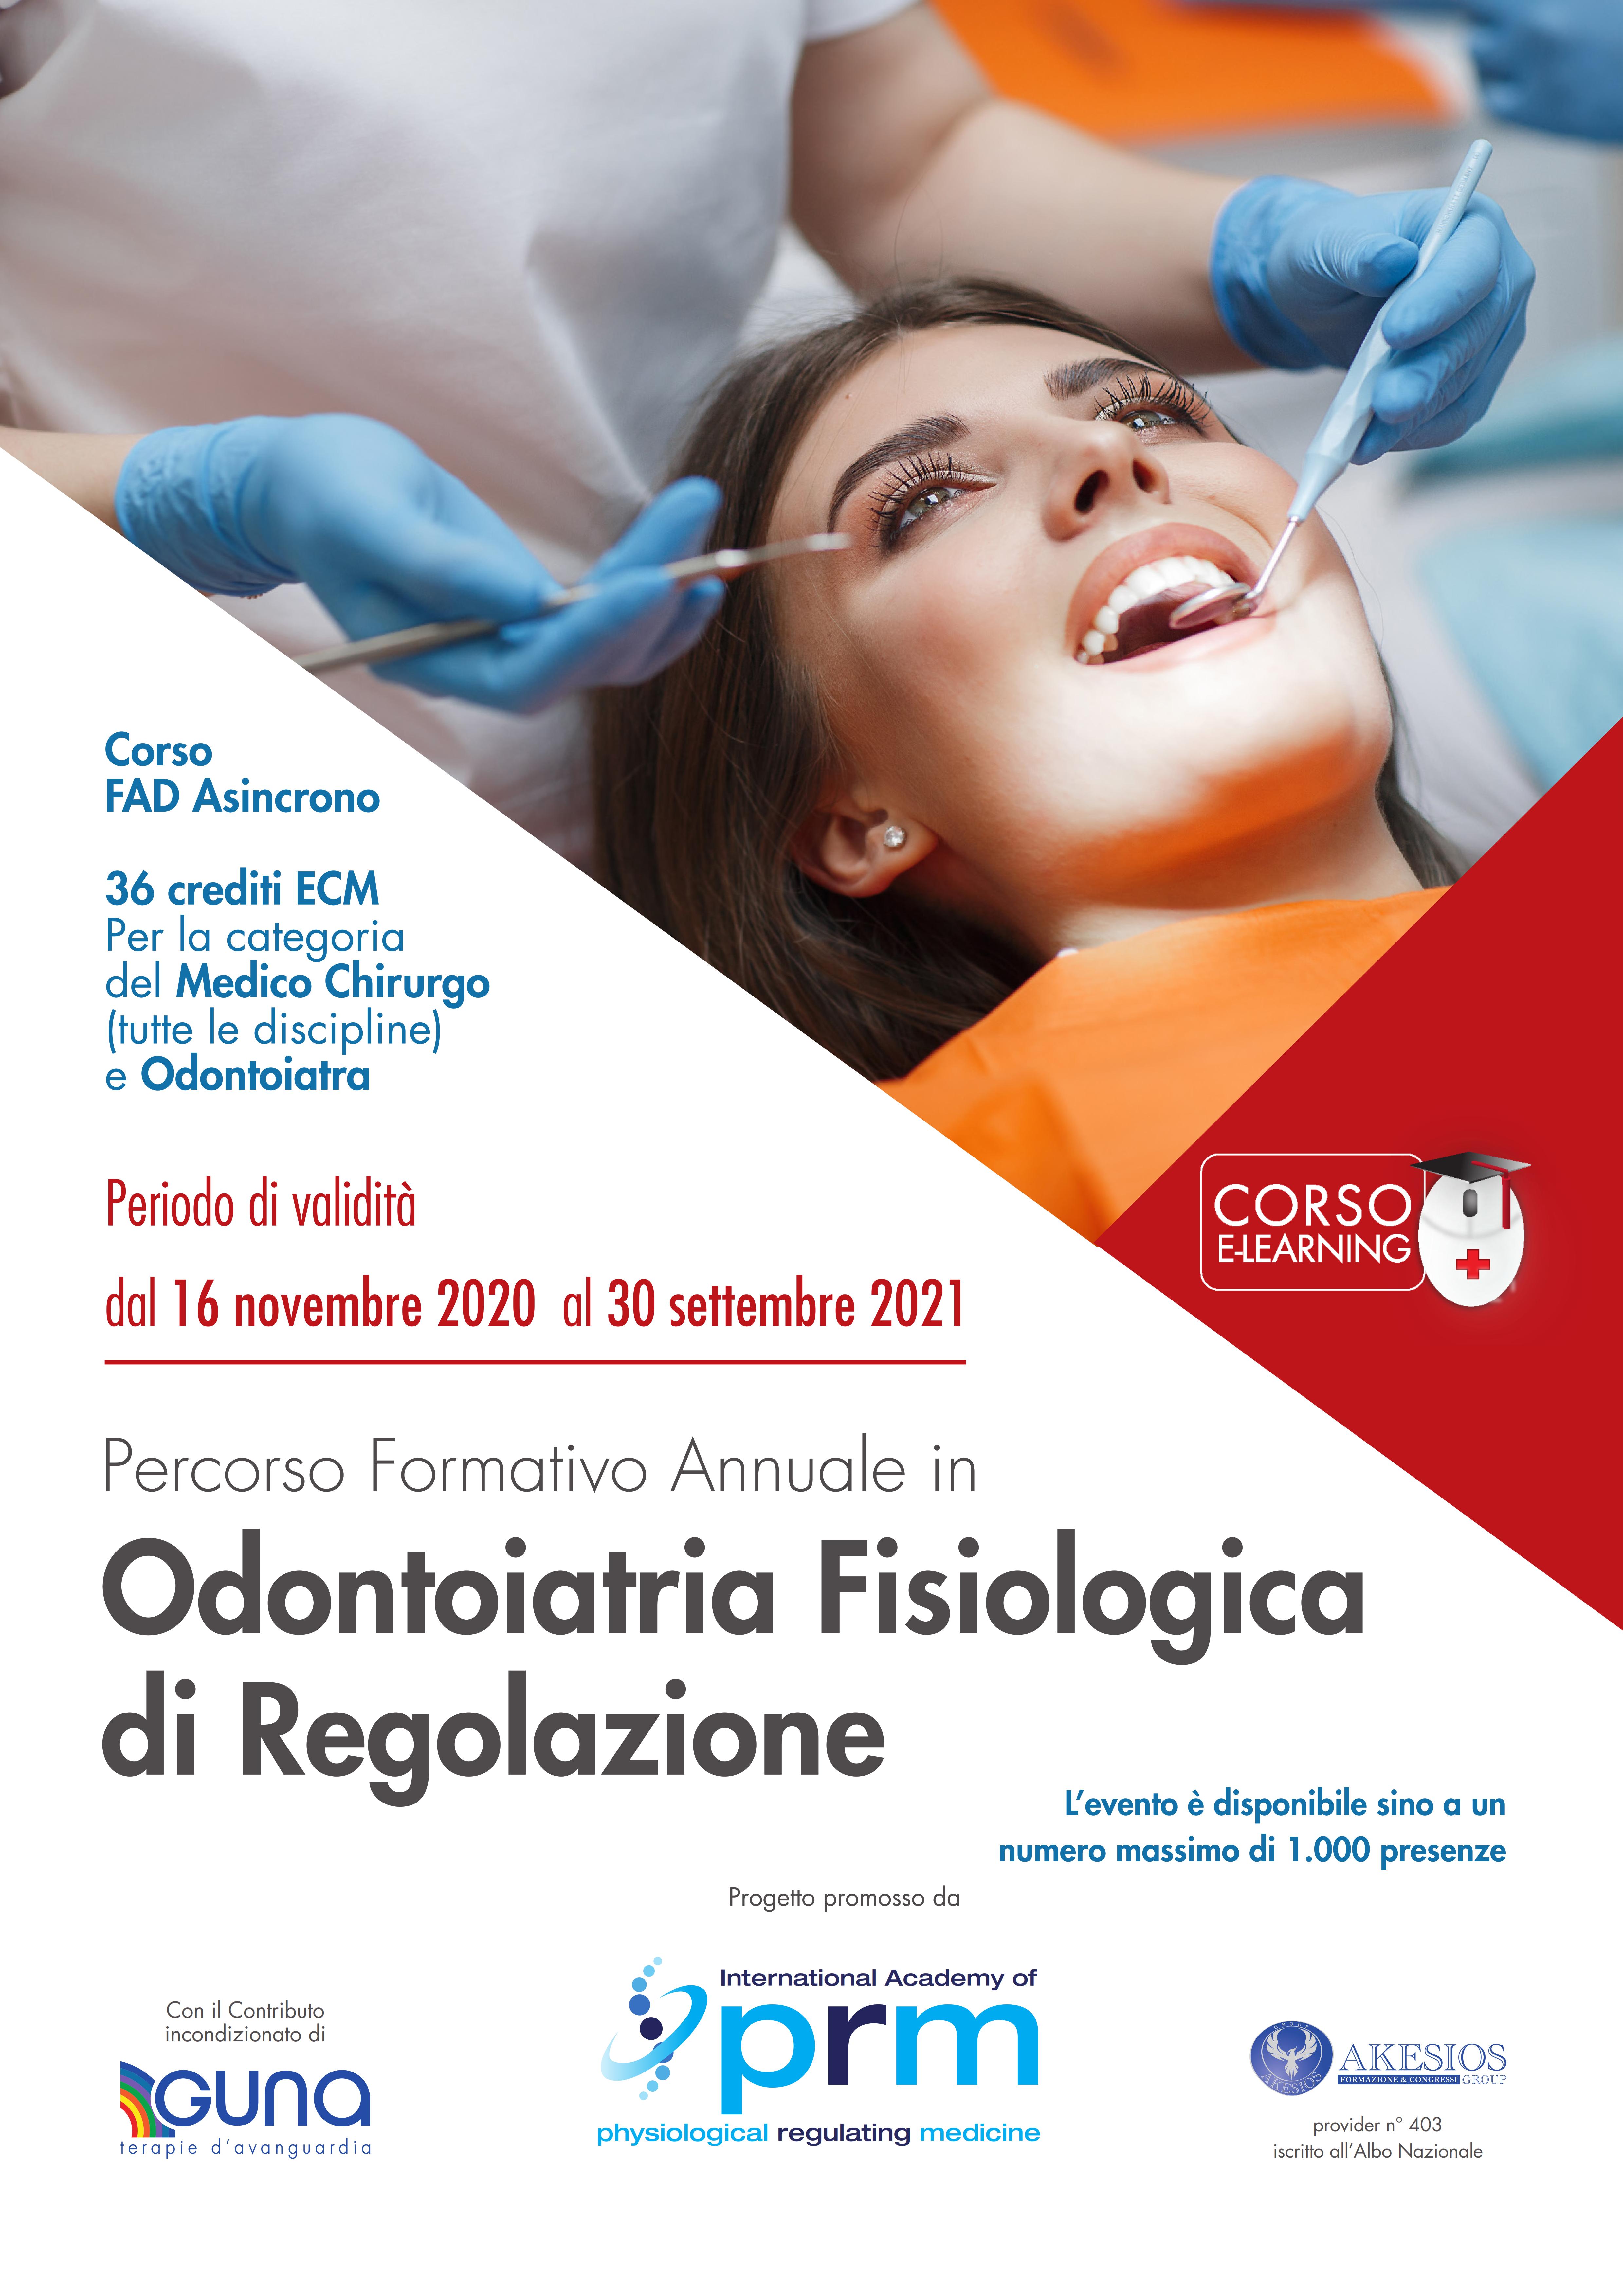 Percorso Formativo Annuale in Odontoiatria Fisiologica di Regolazione